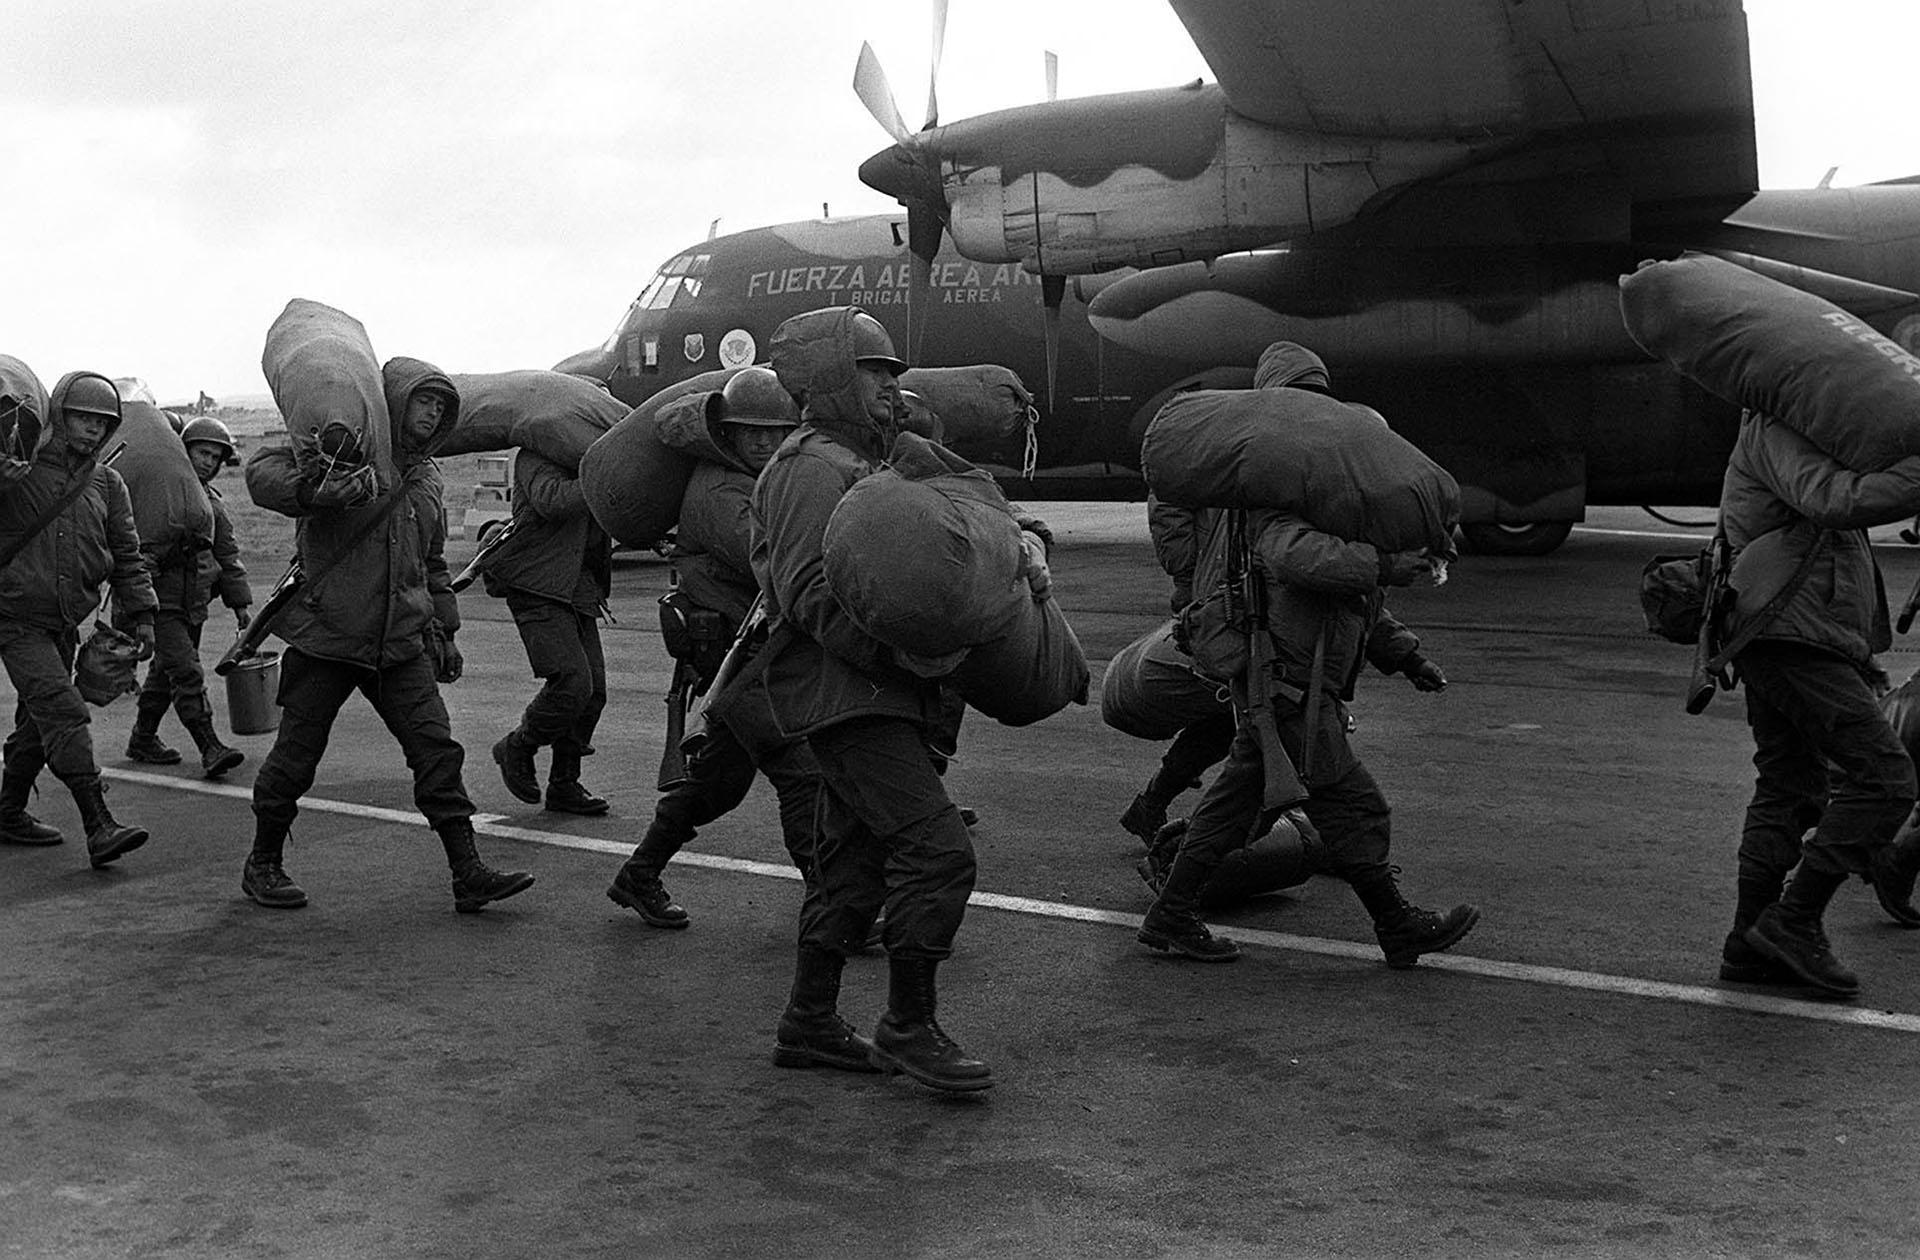 Una vez recuperadas las islas, un contingente de soldados se apresta a embarcarse rumbo a Malvinas. Para muchos será su primera experiencia en avión. El Hércules de la FuerzaAérea los espera. Bolsones al hombro y fusiles en bandolera, no falta hasta el baldepara el mate cocido (Telam / Román von Eckstein).